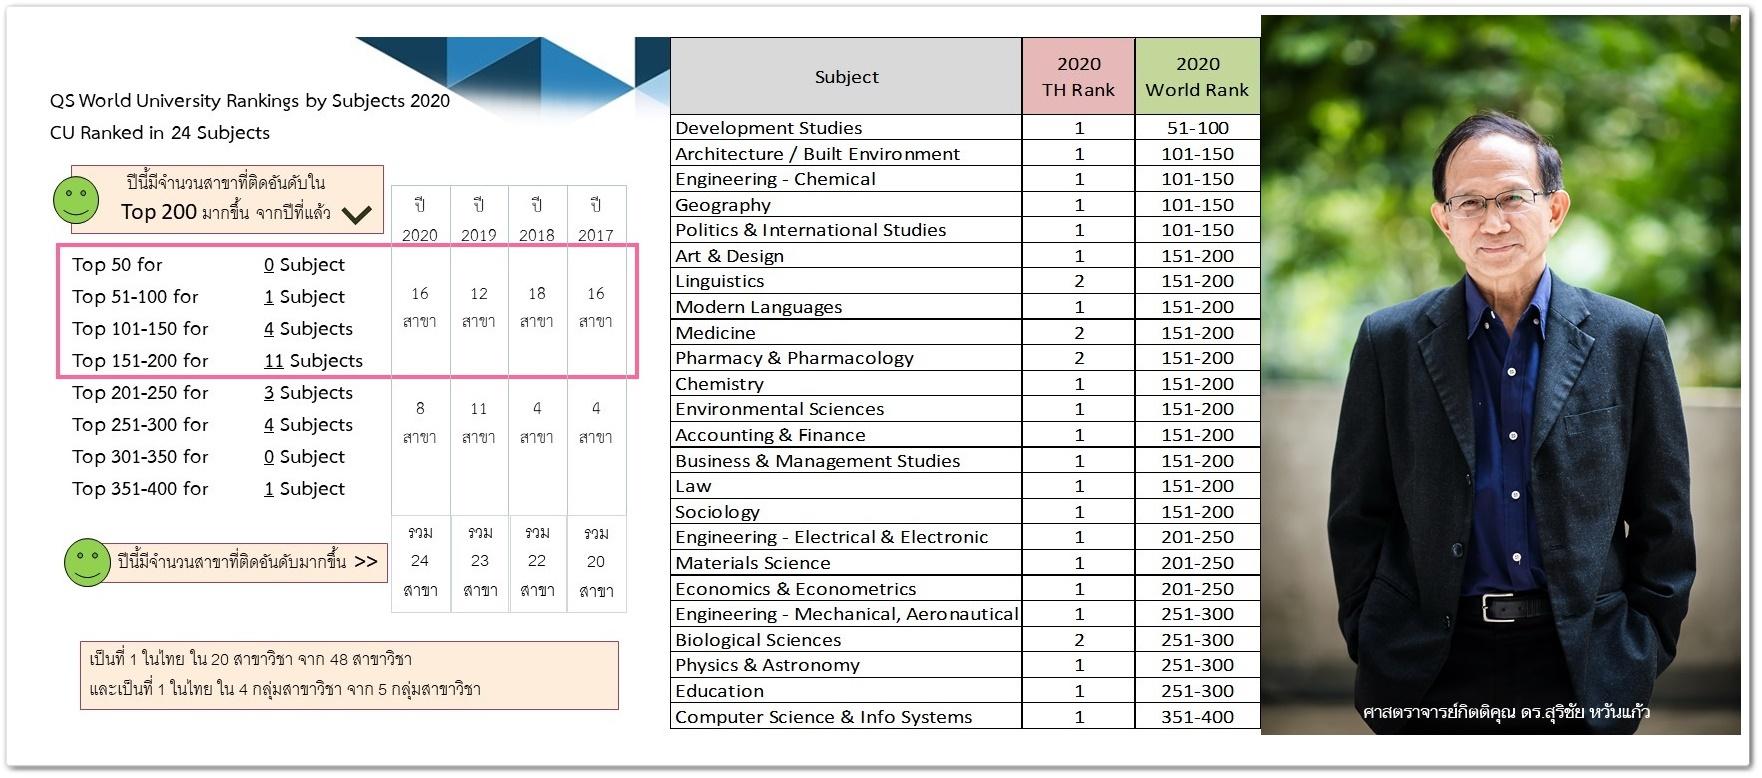 จุฬาฯ ครองอันดับหนึ่งมหาวิทยาลัยไทยด้วยเคล็ดลับพิเศษ